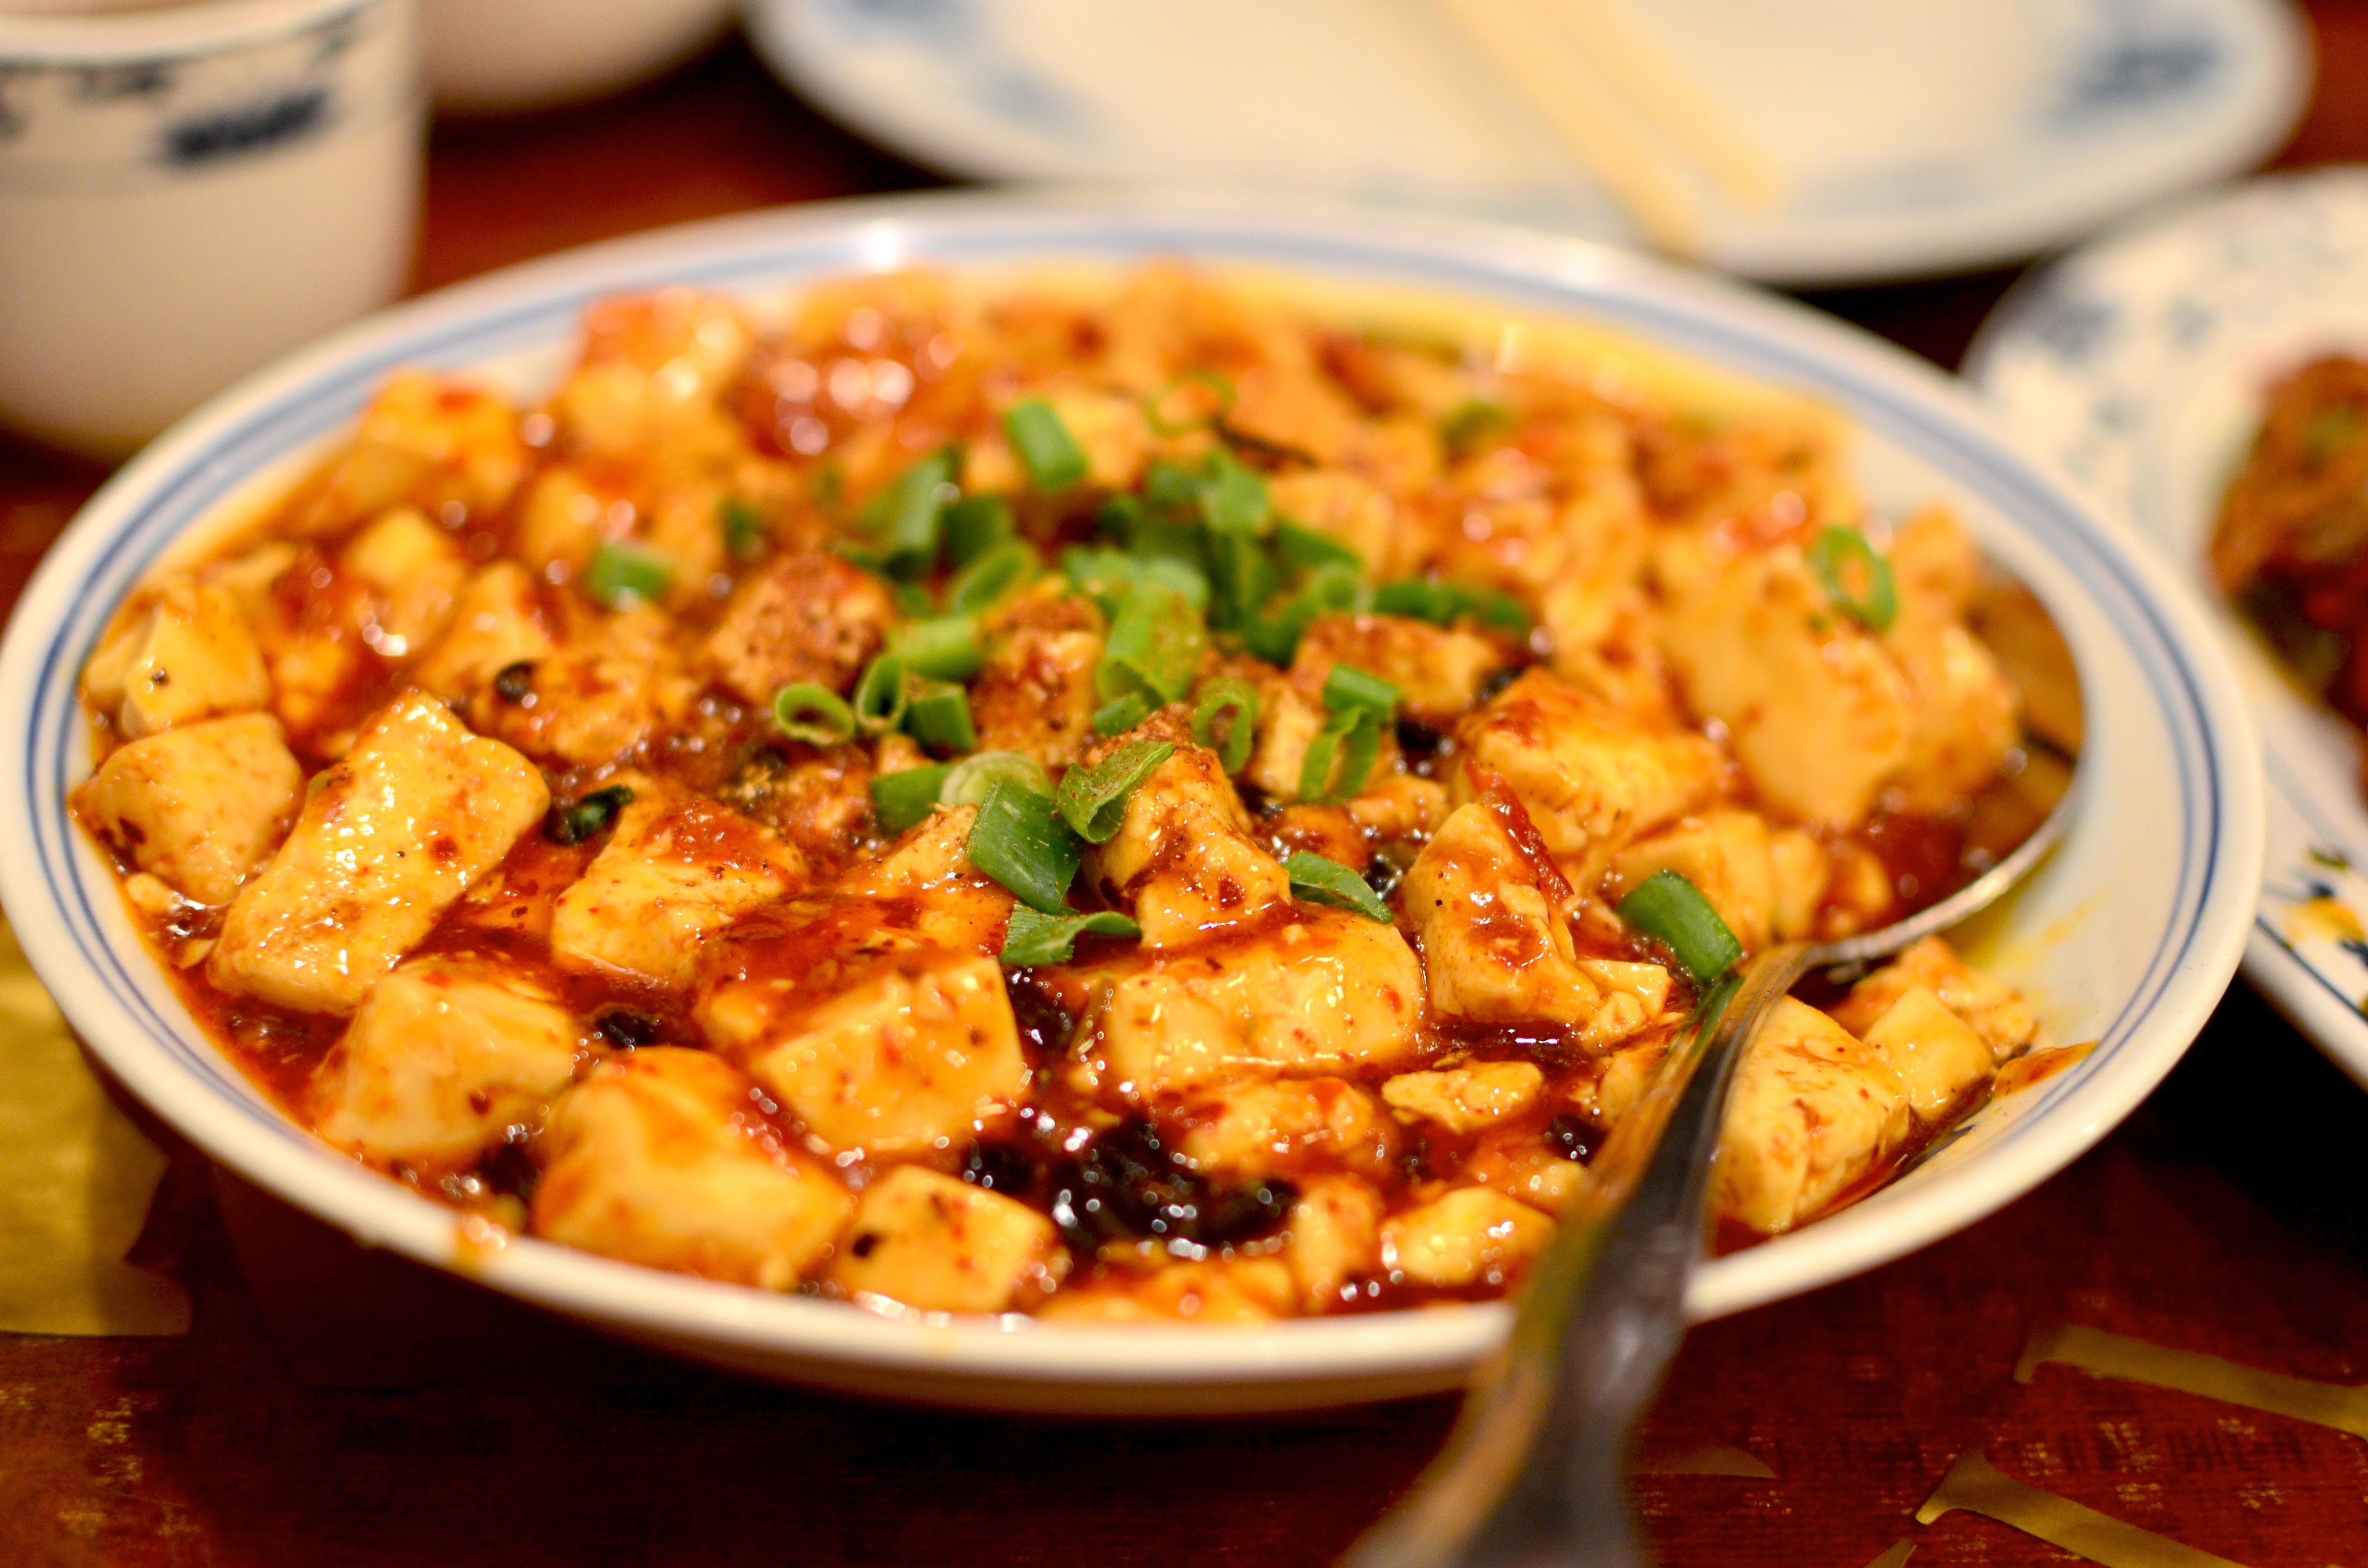 miso tofu dengaku mapo tofu mabo doufu mapo tofu mapo tofu mabo doufu ...